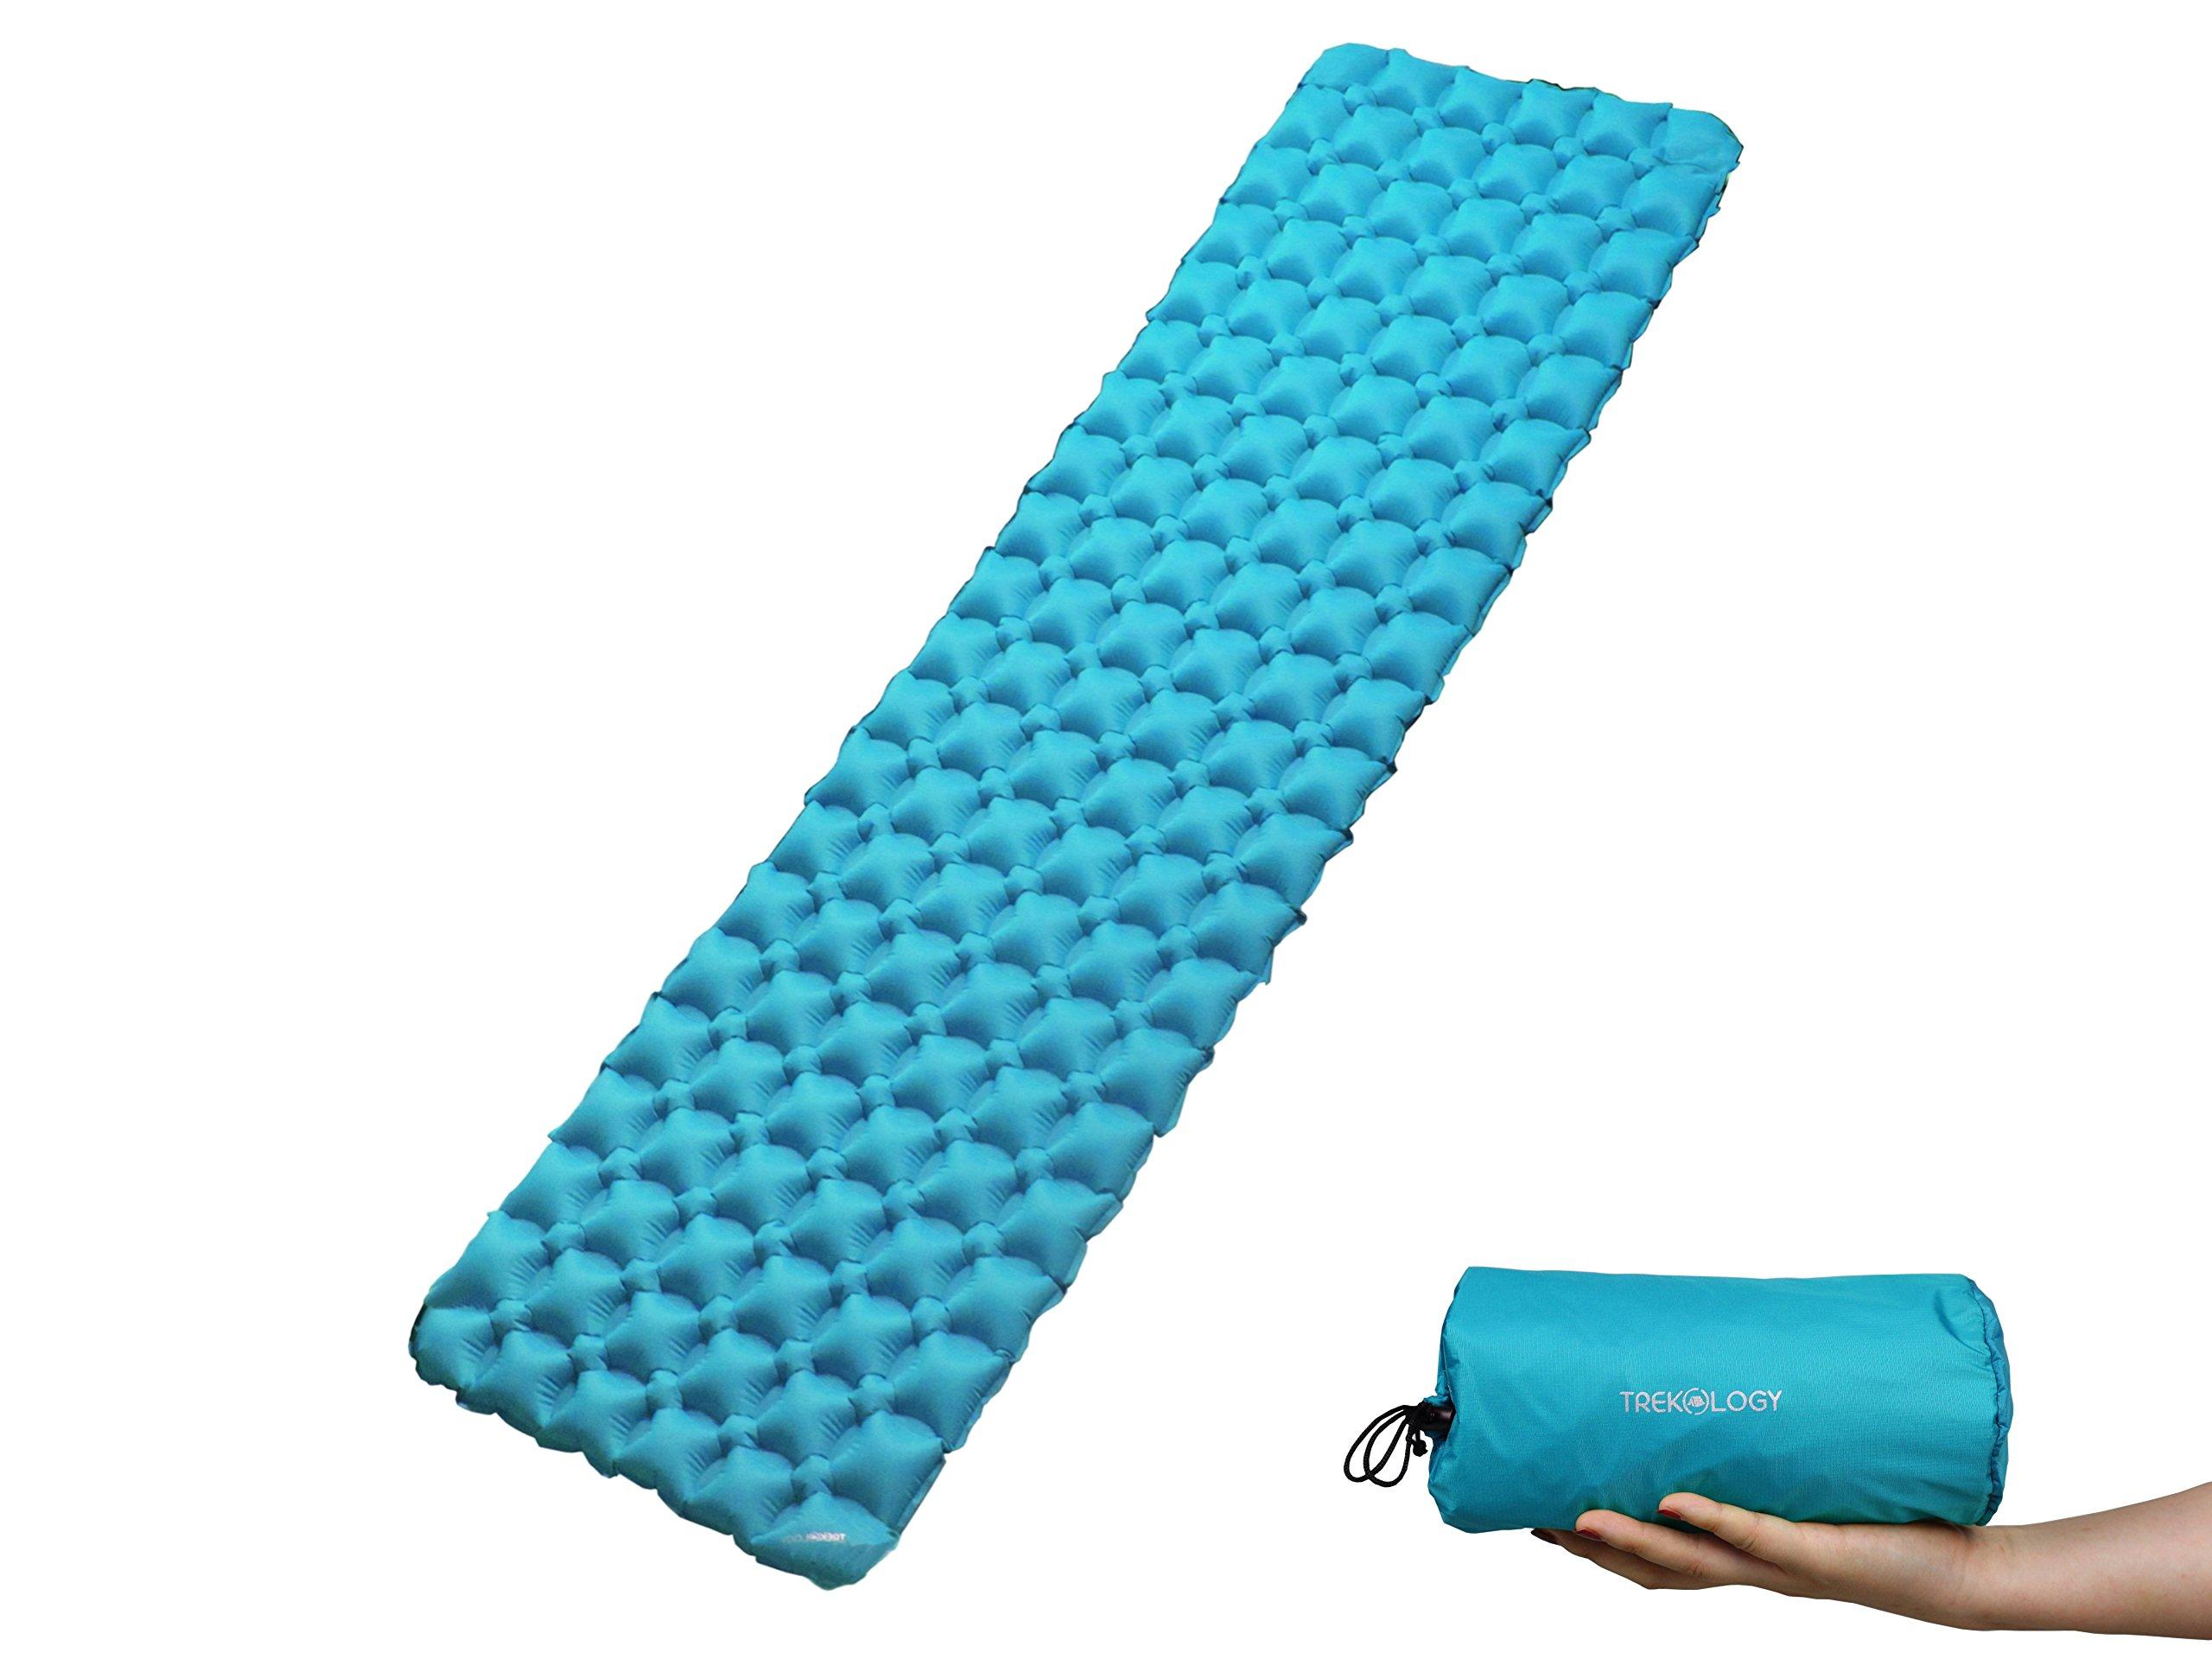 Trekology Inflatable Sleeping Pad, Camping Mats for Sleeping - Compact Lightweight Camp Mat, Ultralight Comfortable Backpacking Mattress Best as Tent Hammock Outdoor Pads (Teal Blue) by Trekology